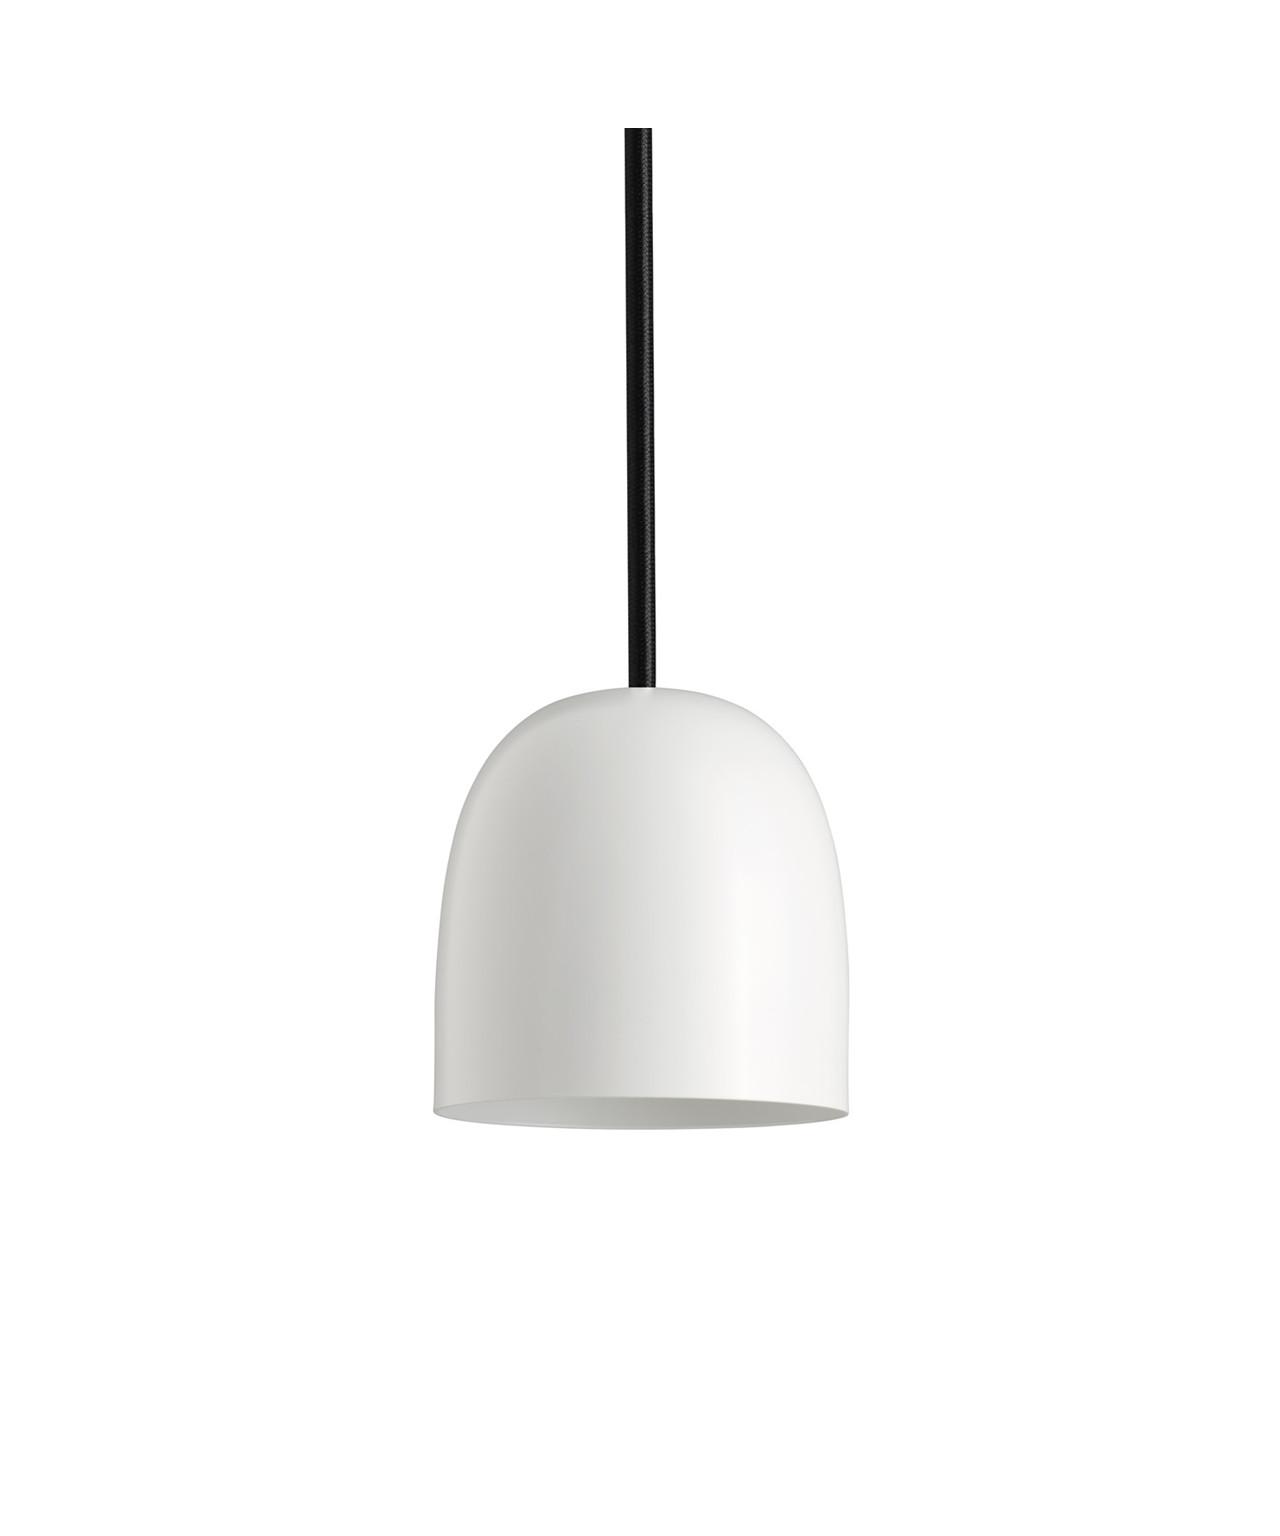 Design Piet Hein for Piet Hein Koncept Som sine brødre i SUPER-serien, er SUPER 115 lampen med sit elegante design blevet en øjeblikkelig klassiker. Der er rig mulighed for at finde en pendel der passer i størrelsen samt vælge blandt skærme udført i både sort og hvid eller opaliseret glas i version 90 og 115. Derud over kan der leges med ledningerne som kan vælges i henholdsvis sort, hvid eller rød stof-ledning. Med sit enkle men stadig yderst raffinerede udseende vil SUPER 115 pendlen fra Piet Hein være en kærkommen kilde til belysning alle steder i boligen. En enkelt og elegant pendel der kan bruges i mange sammenhænge, hvor der i kraft af valget mellem flere størrelser samt tre farver ledninger er mulighed for leg med form og farve.